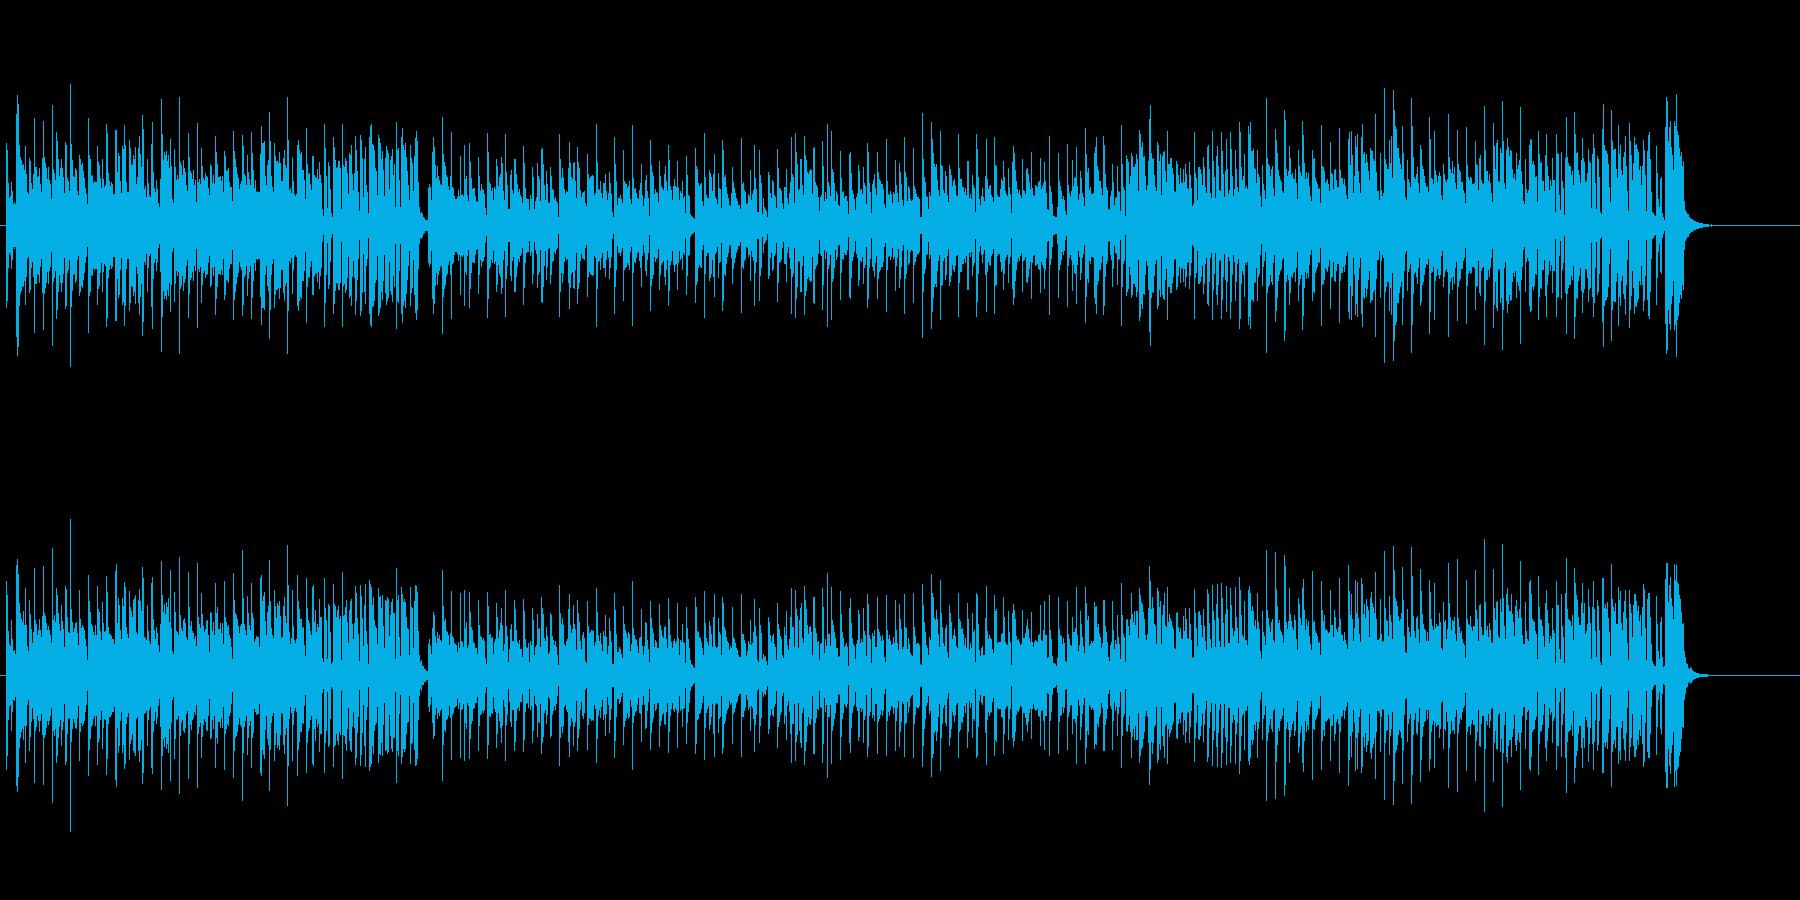 曲の流れに抑揚をつけたポップ・チューンの再生済みの波形